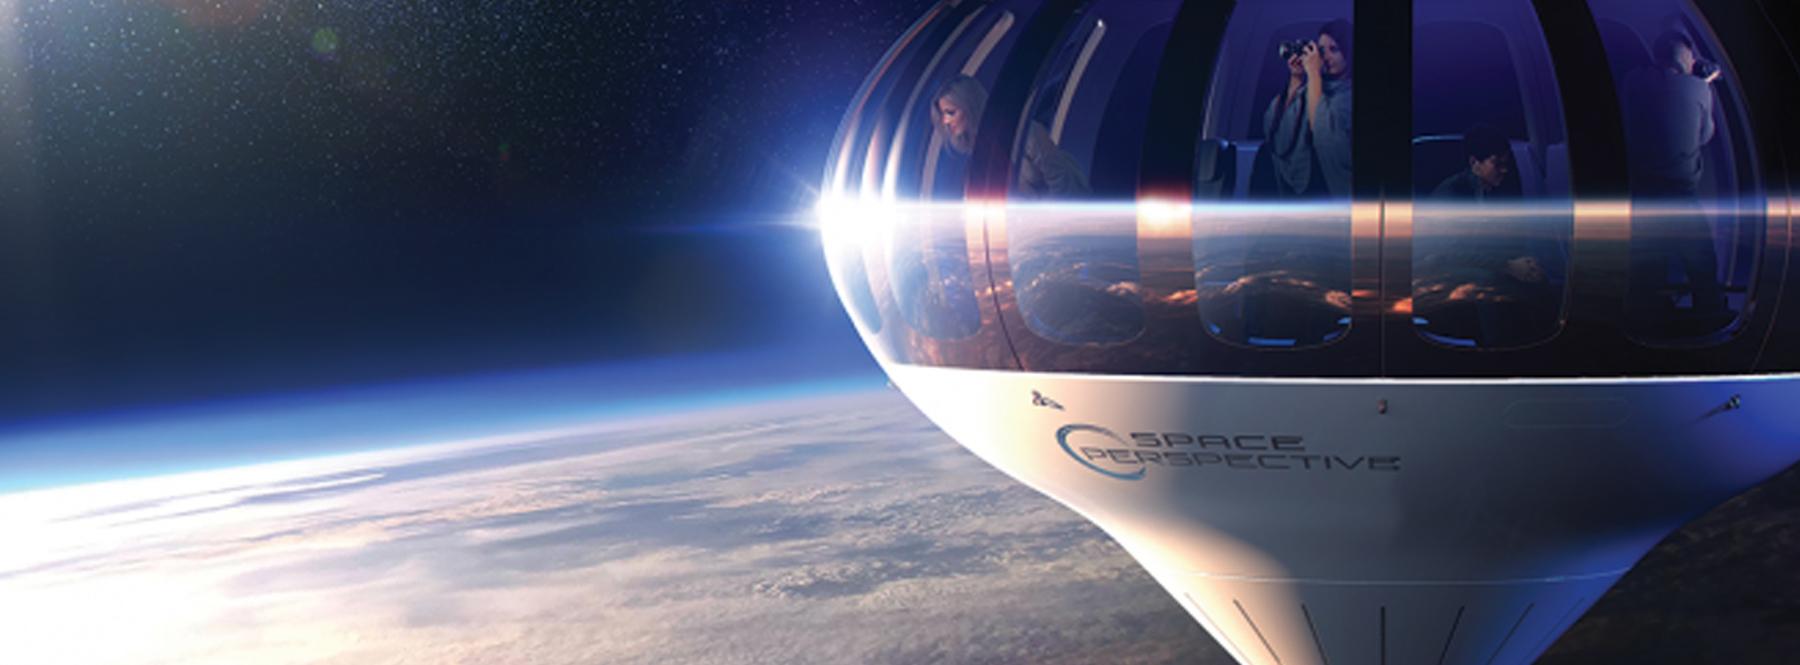 Lo último del turismo espacial: en viaje a la estratosfera… en globo